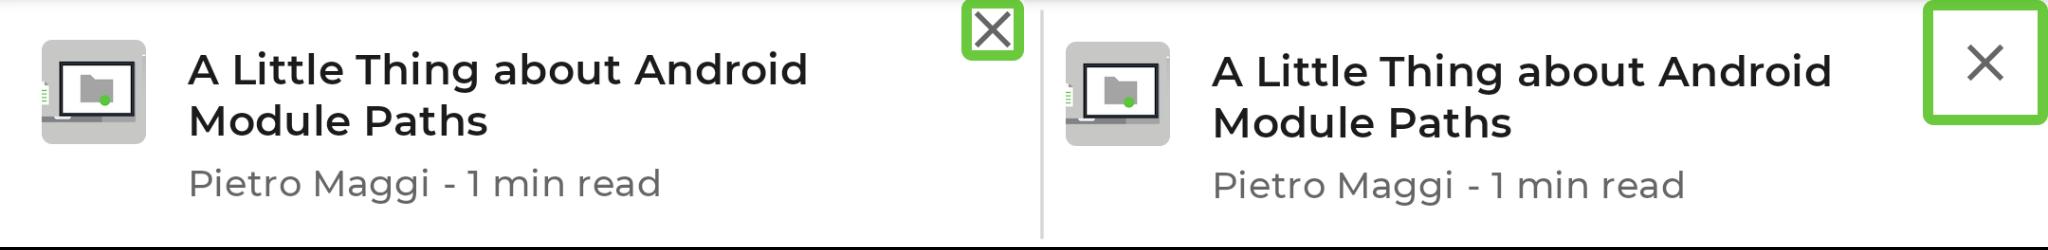 Perbandingan item daftar yang menampilkan garis batas kecil ikon silang di sebelah kiri, garis besar di sebelah kanan.